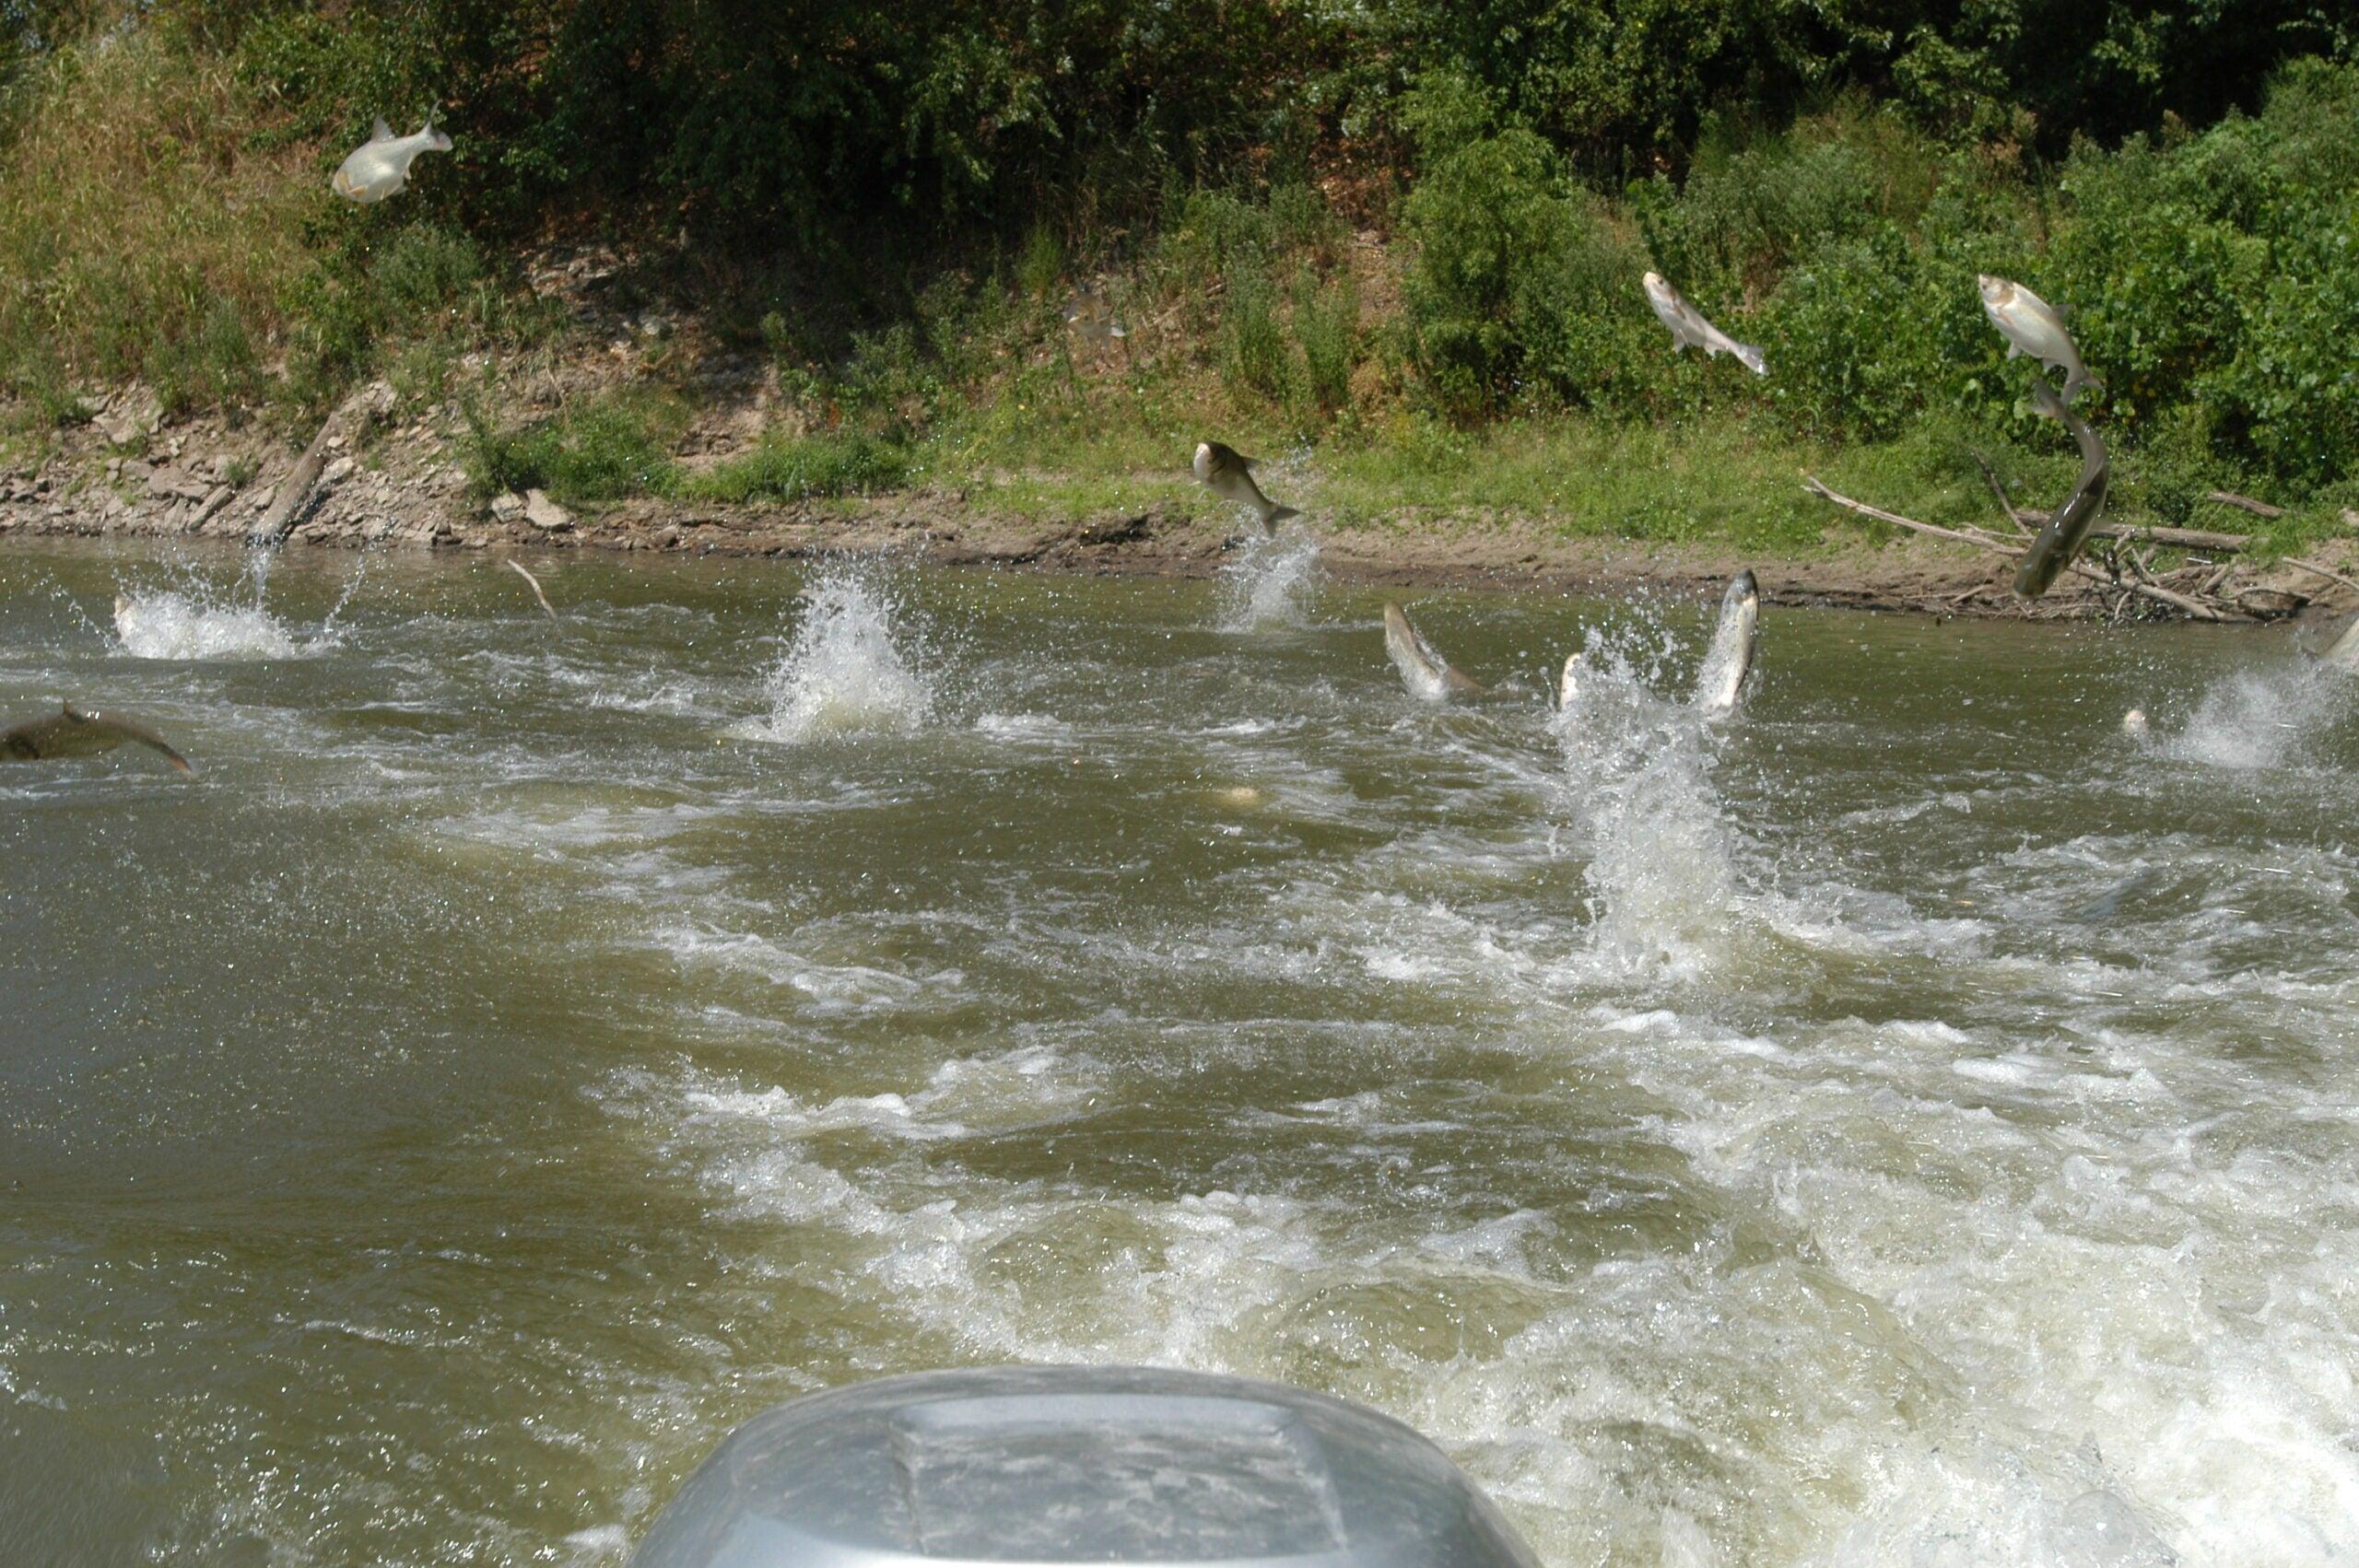 leaping asian carp